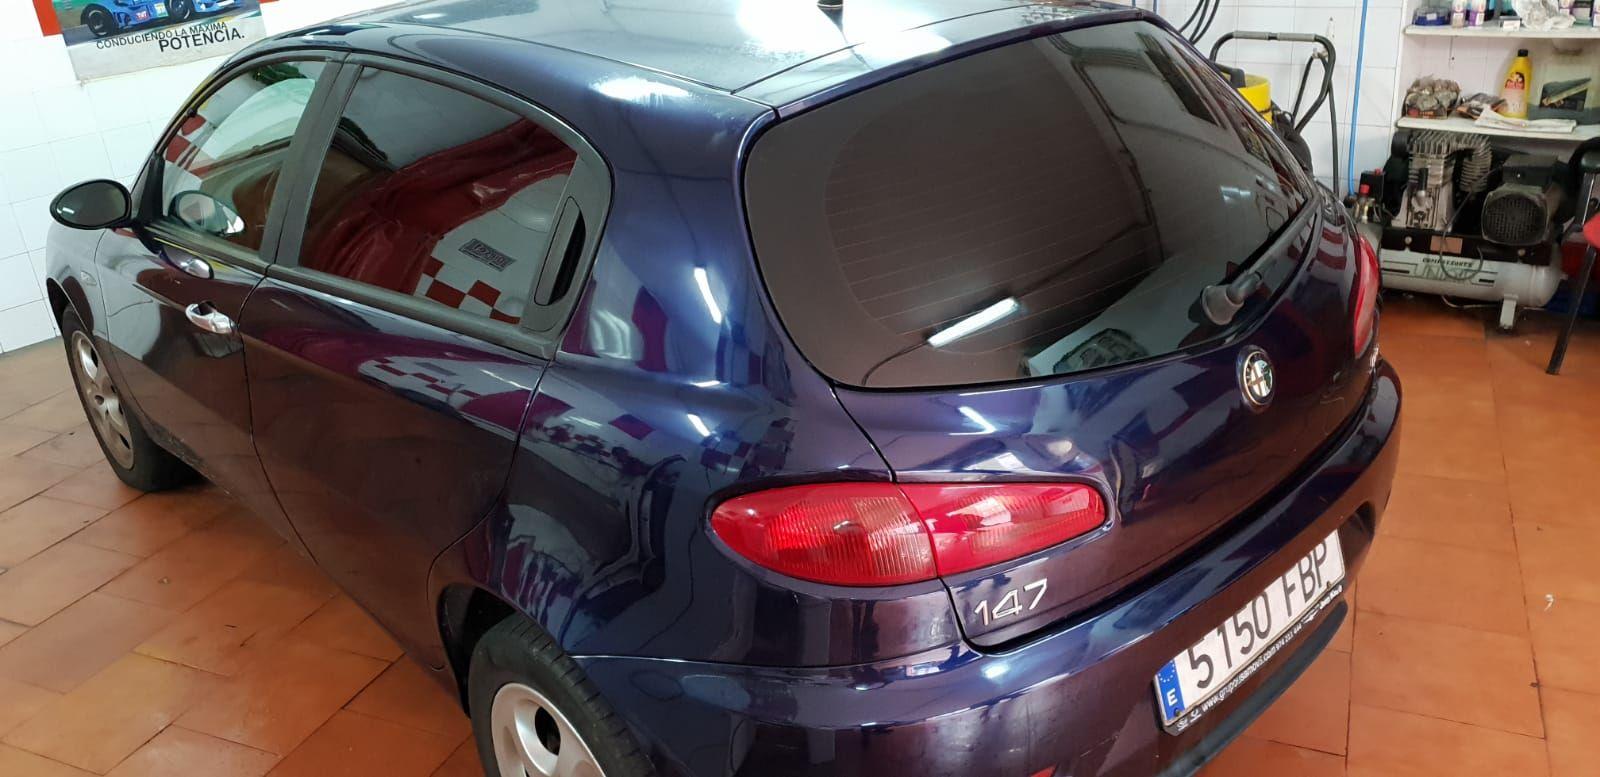 Foto 1069 de Cristalería del automóvil en  | Tintado de Lunas Asturias